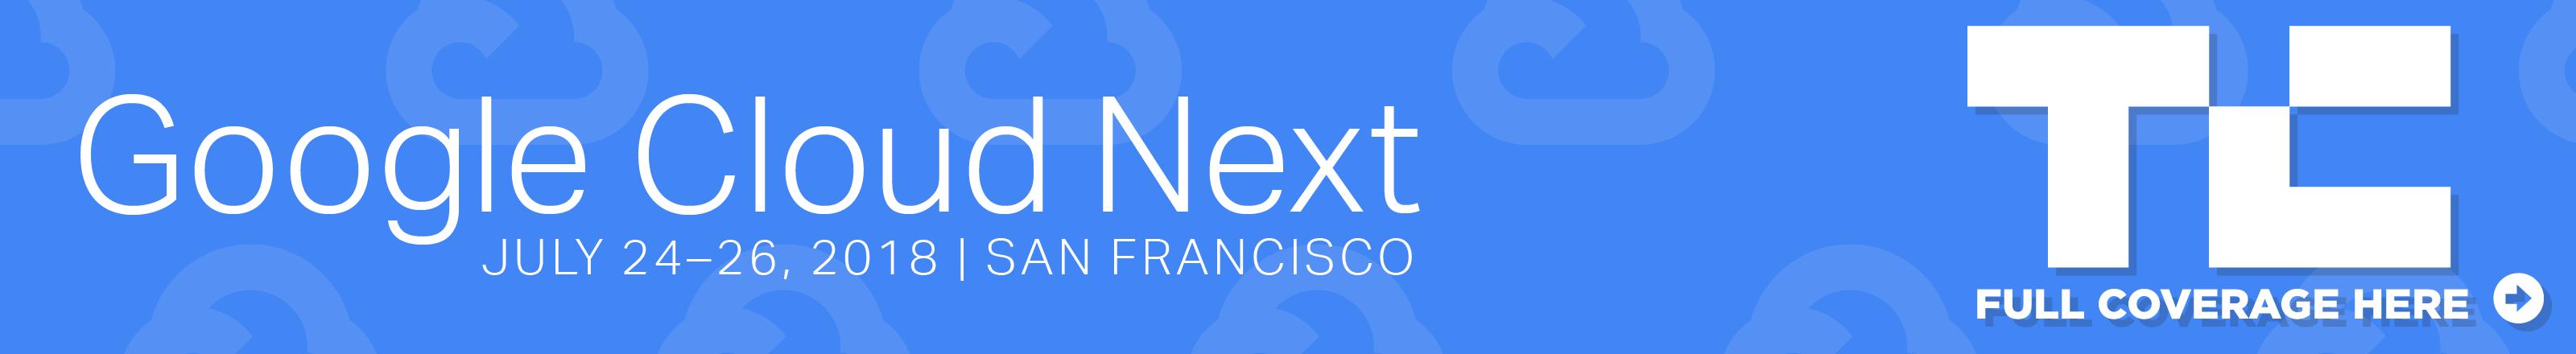 google cloud next 2018 banner